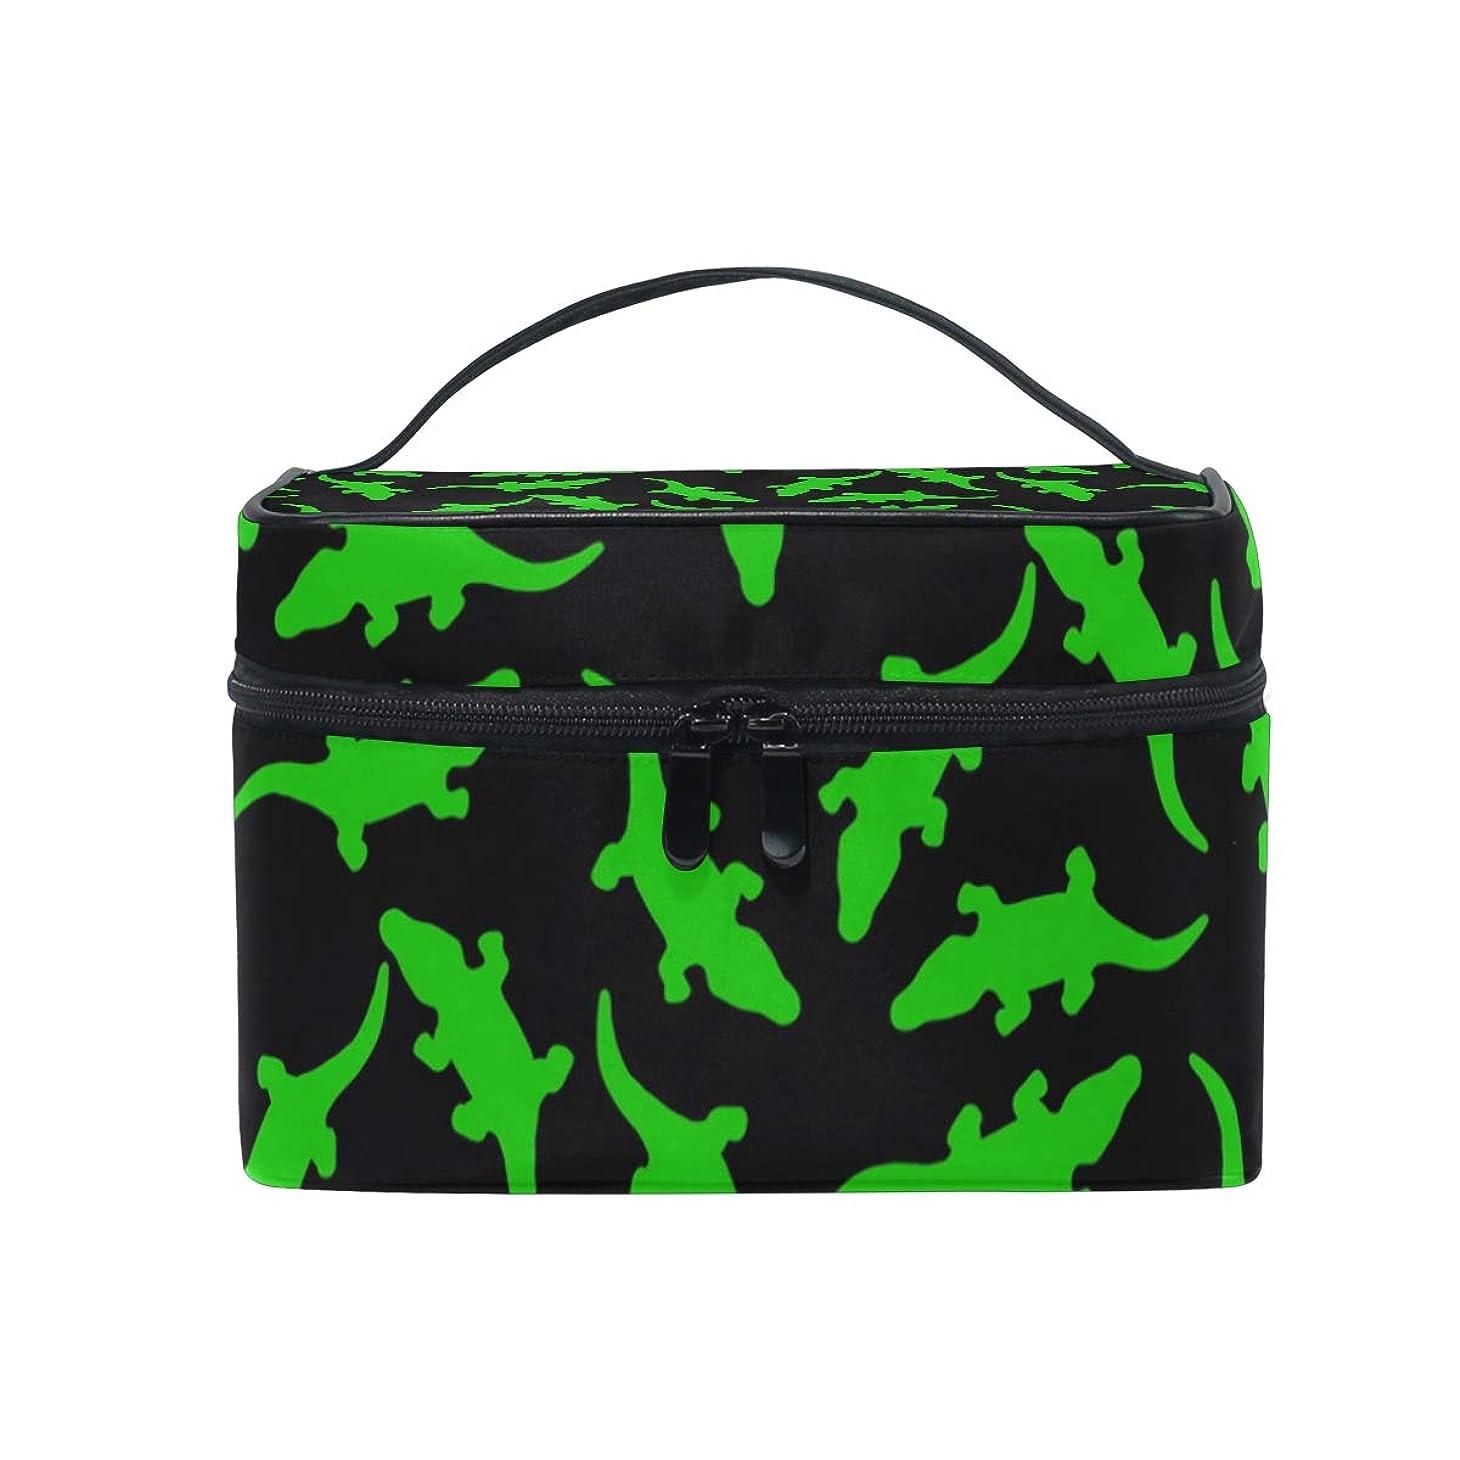 財団控えめな聖なるメイクボックス ワニ柄 緑柄 水柄 化粧ポーチ 化粧品 化粧道具 小物入れ メイクブラシバッグ 大容量 旅行用 収納ケース